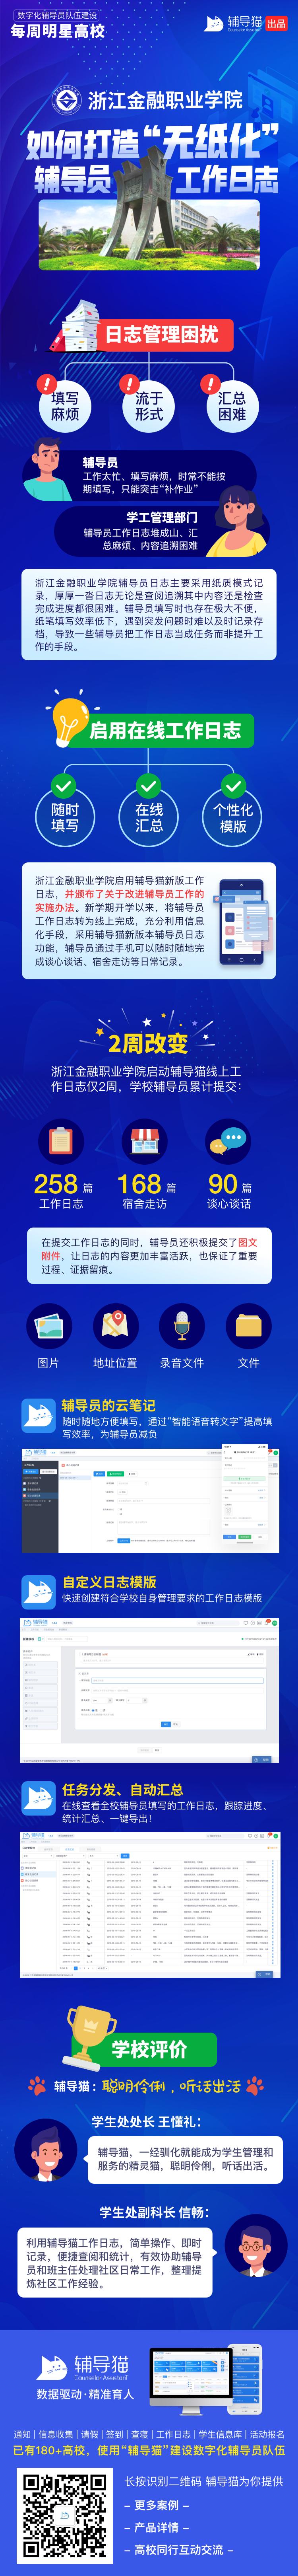 """浙江金融职业学院——如何打造""""无纸化""""辅导员工作日志? 辅导猫"""